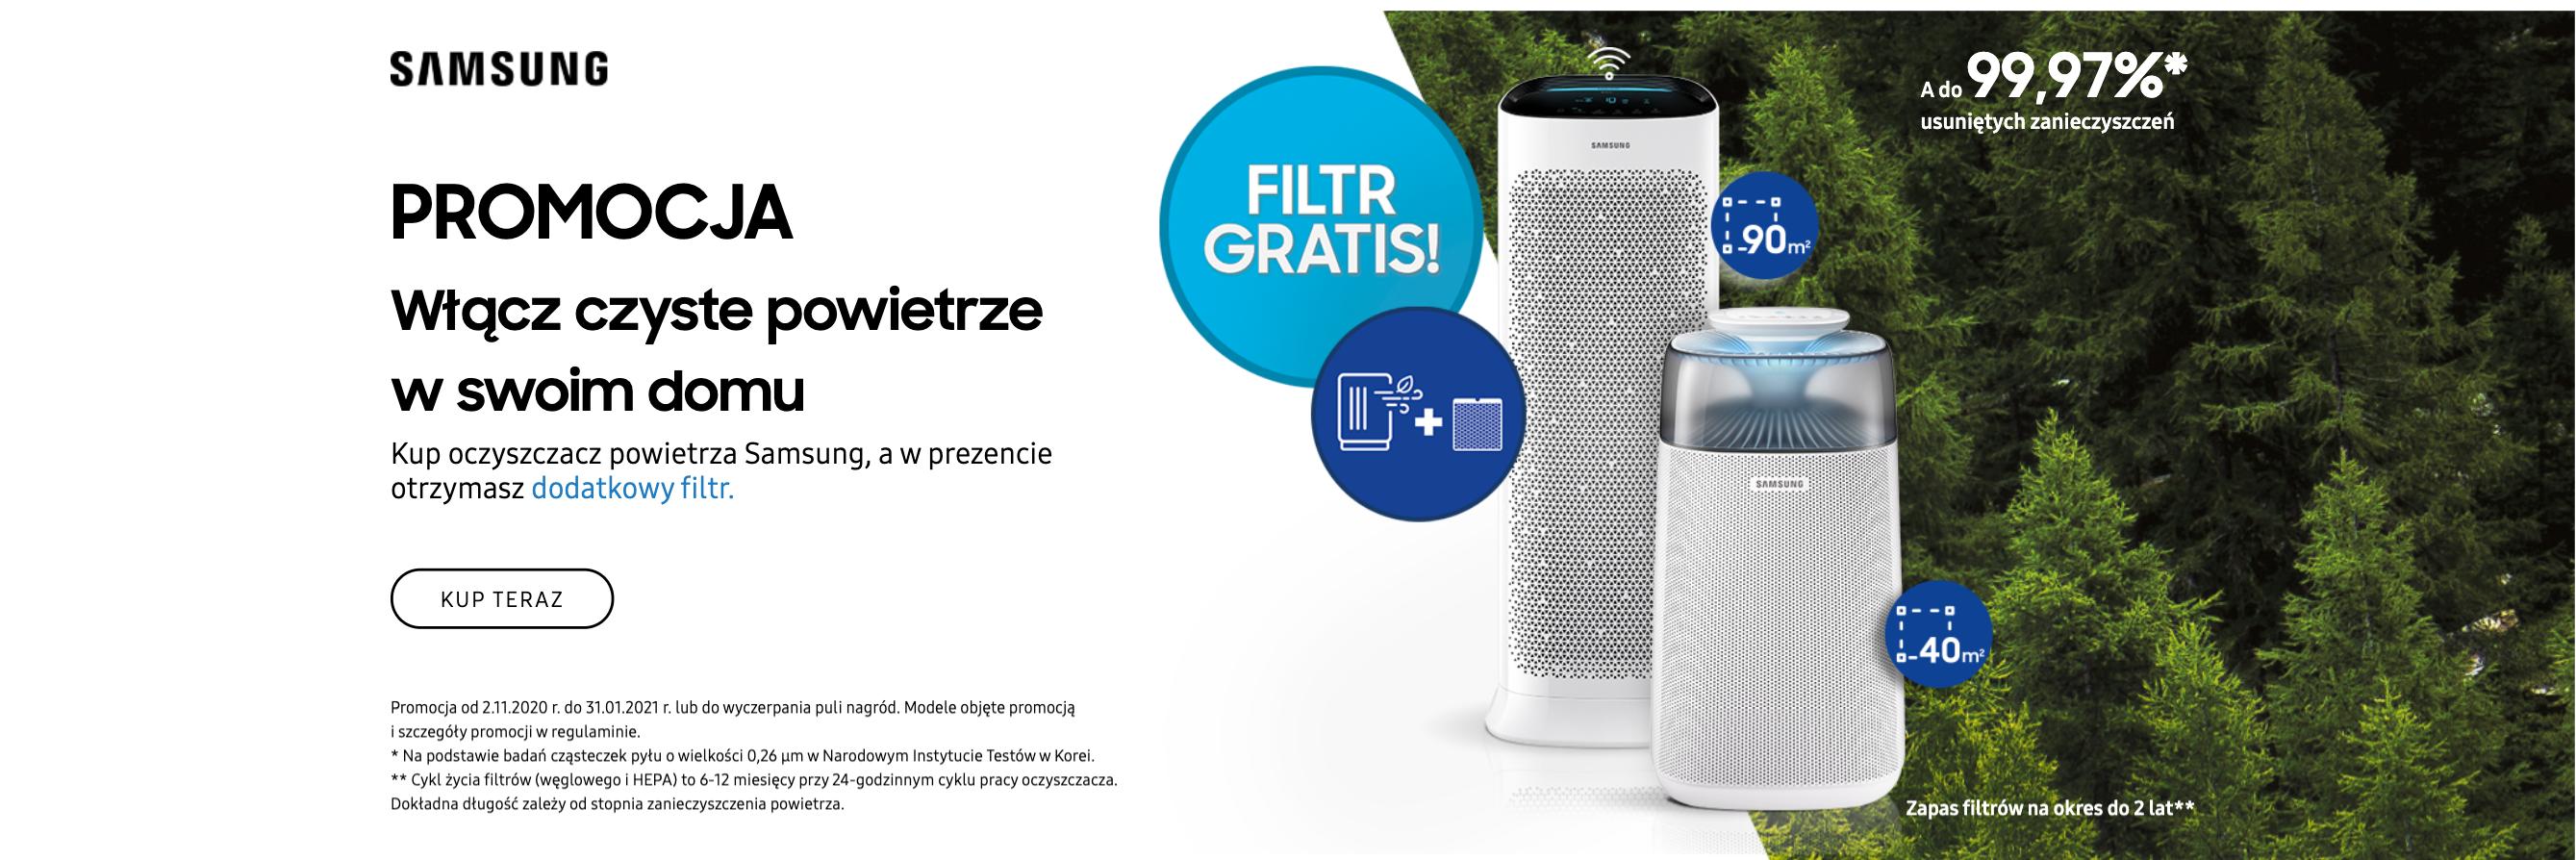 Samsung filtr gratis